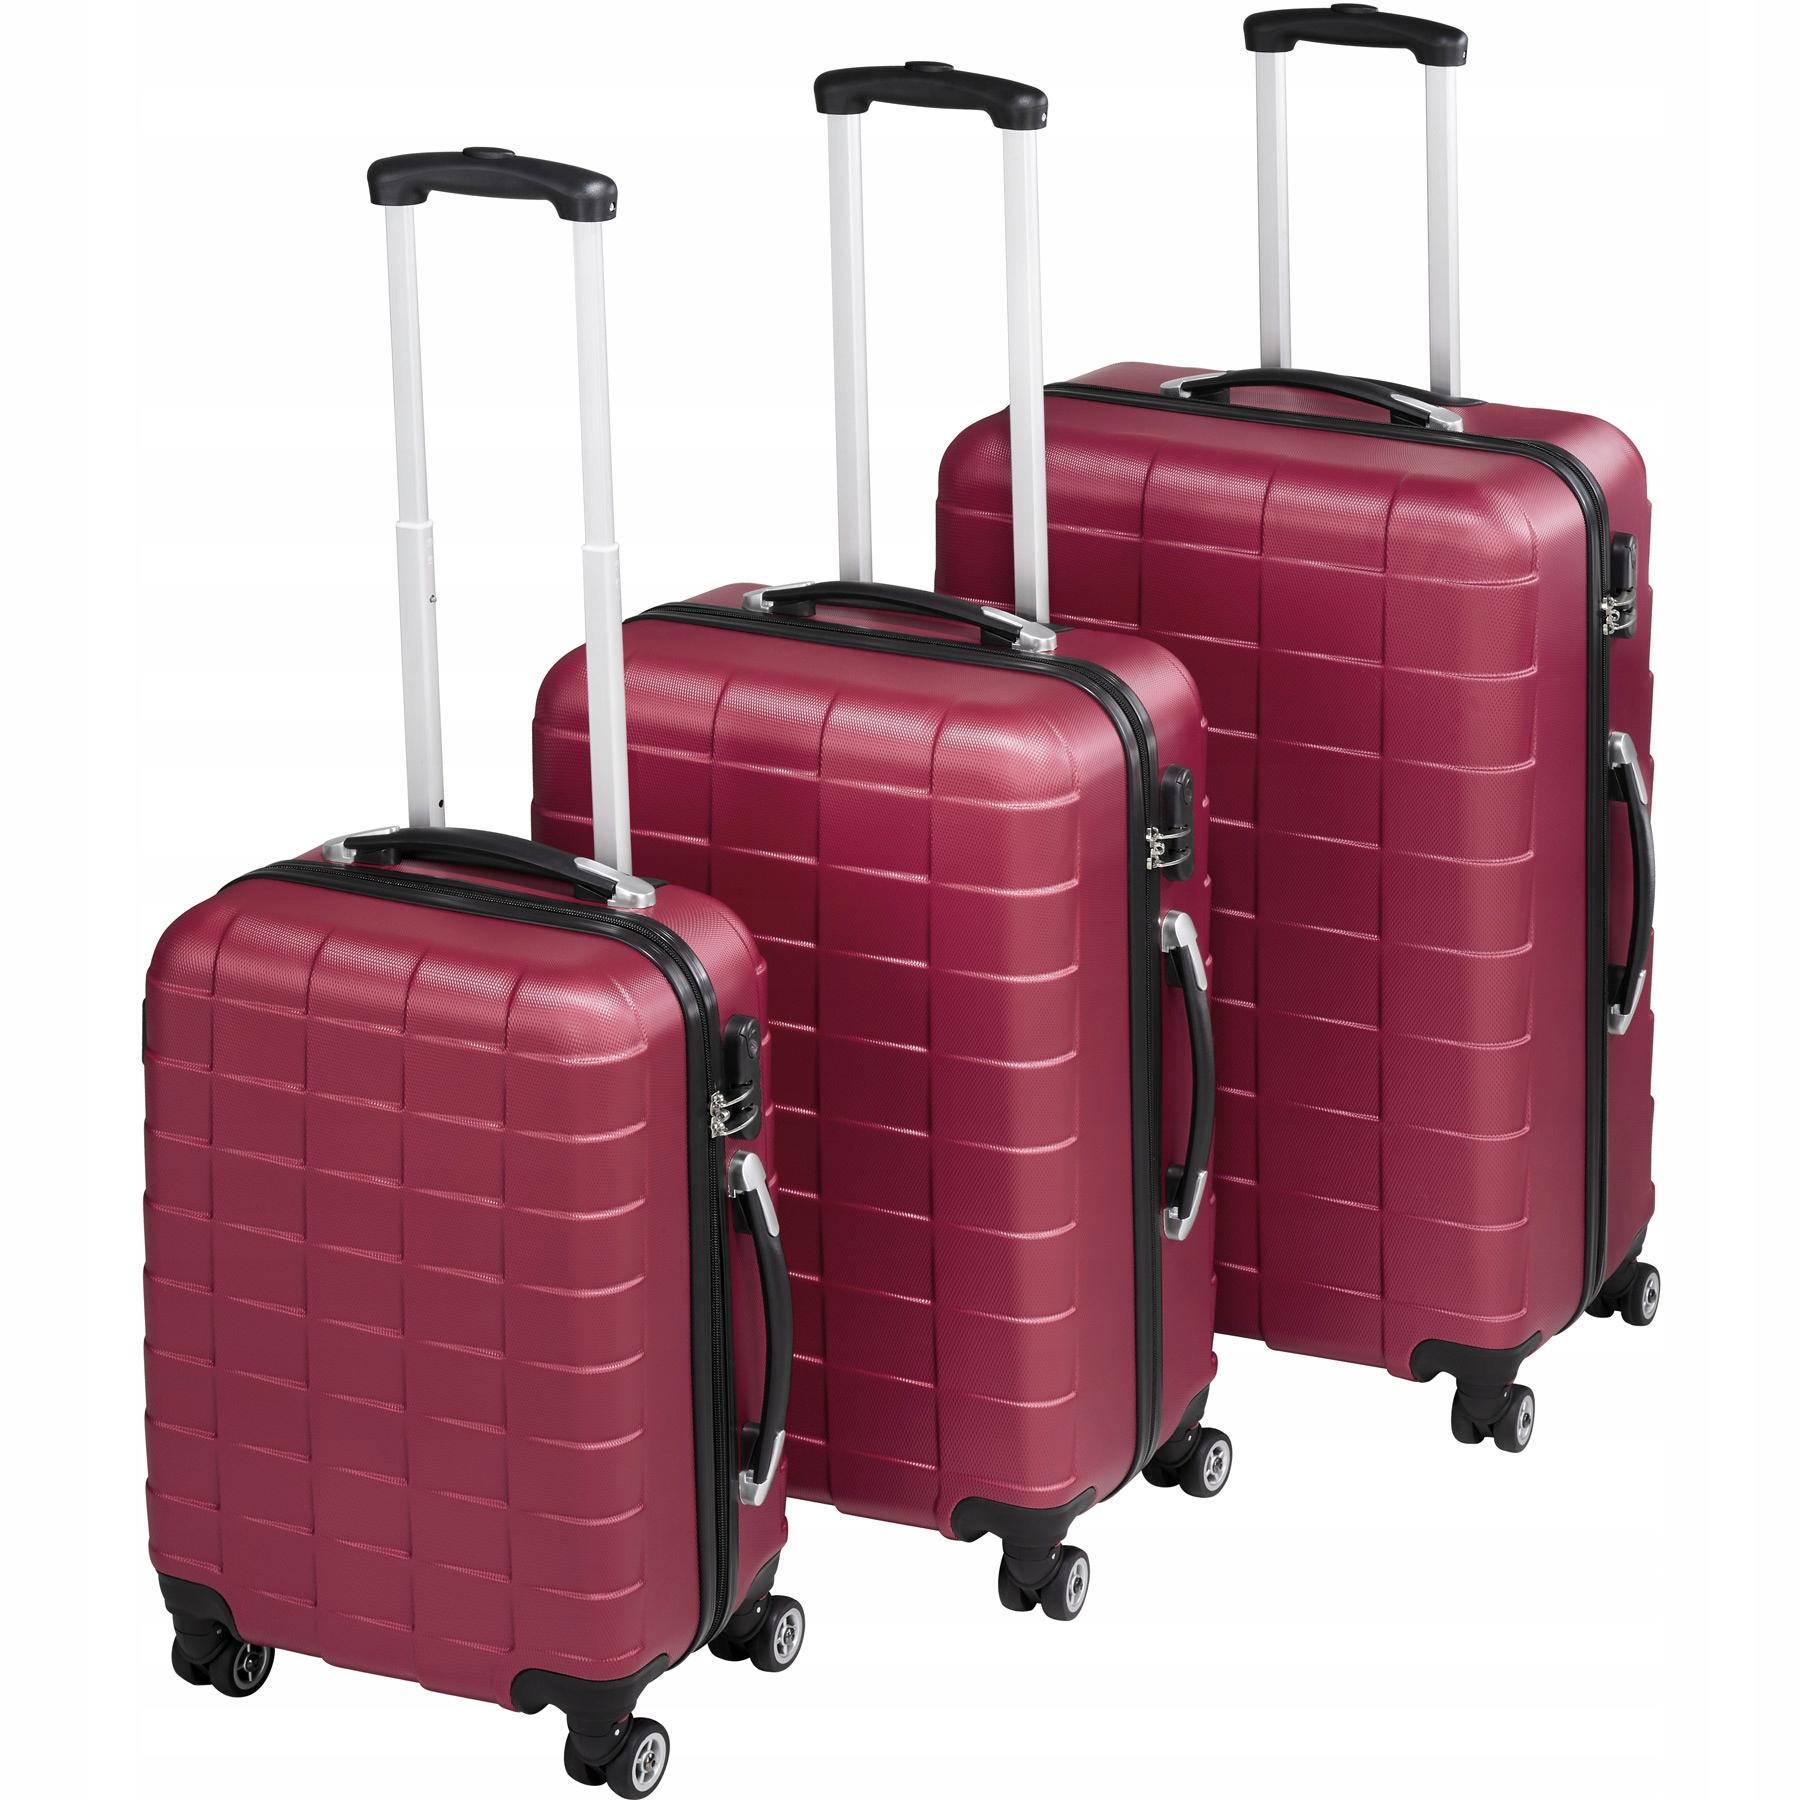 Zestaw 3 walizek walizki na kółkach 402670